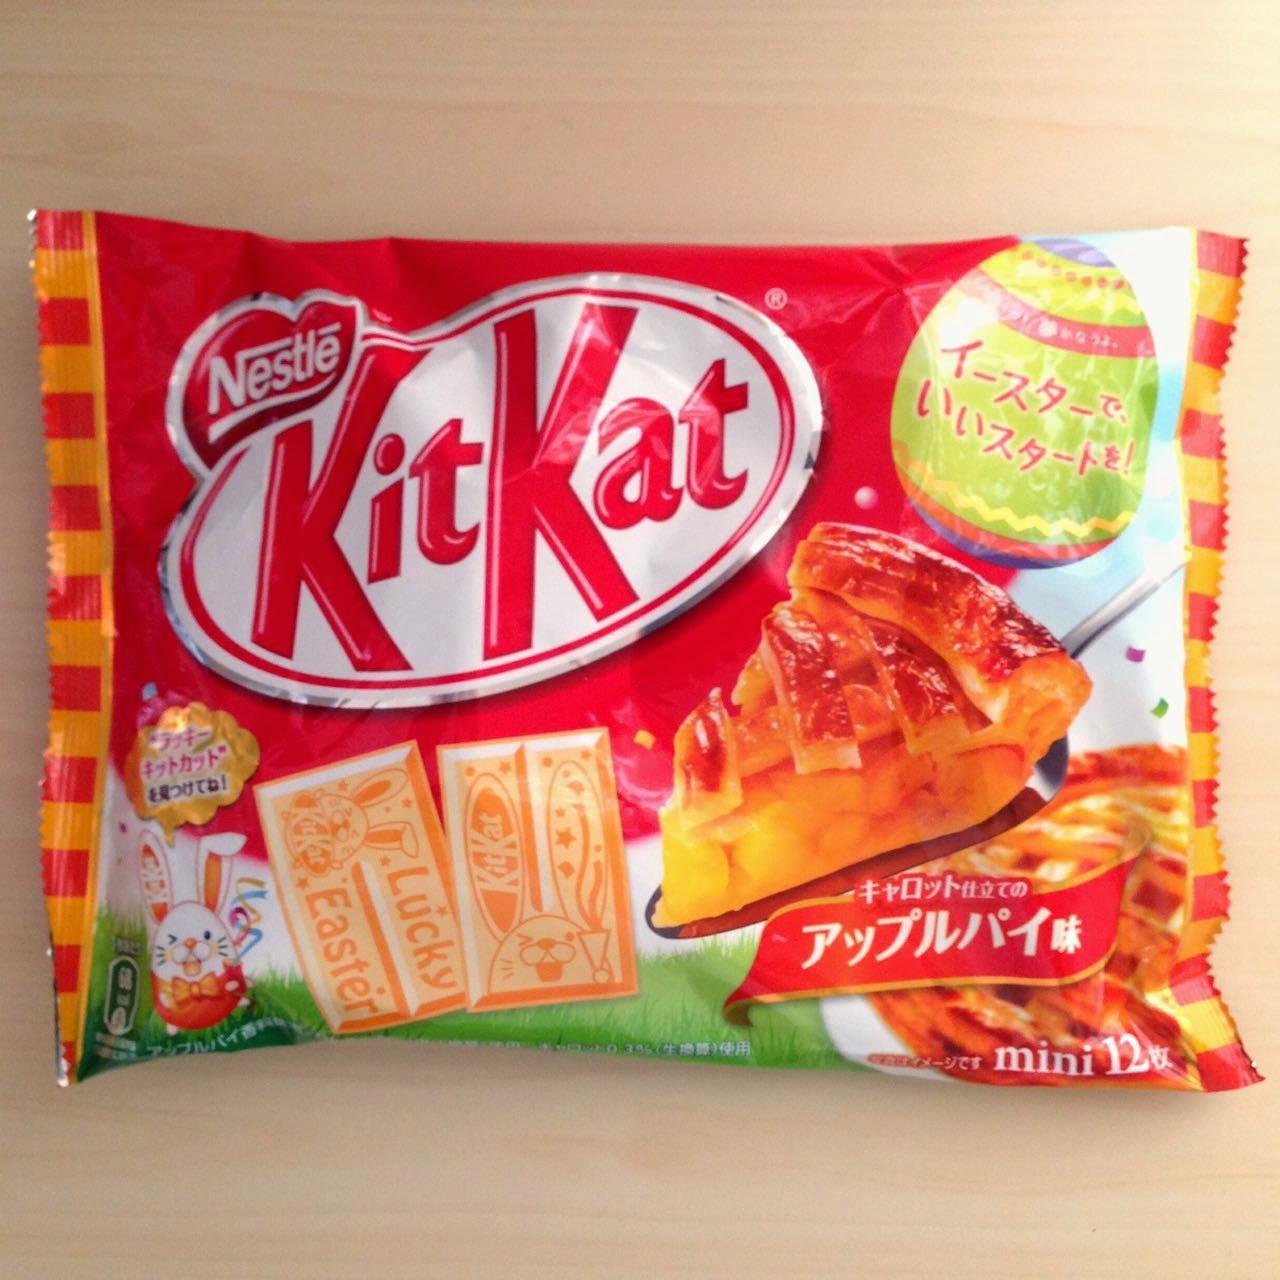 キャロット・アップルパイ・キットカット, Carrot Apple Pie KitKat